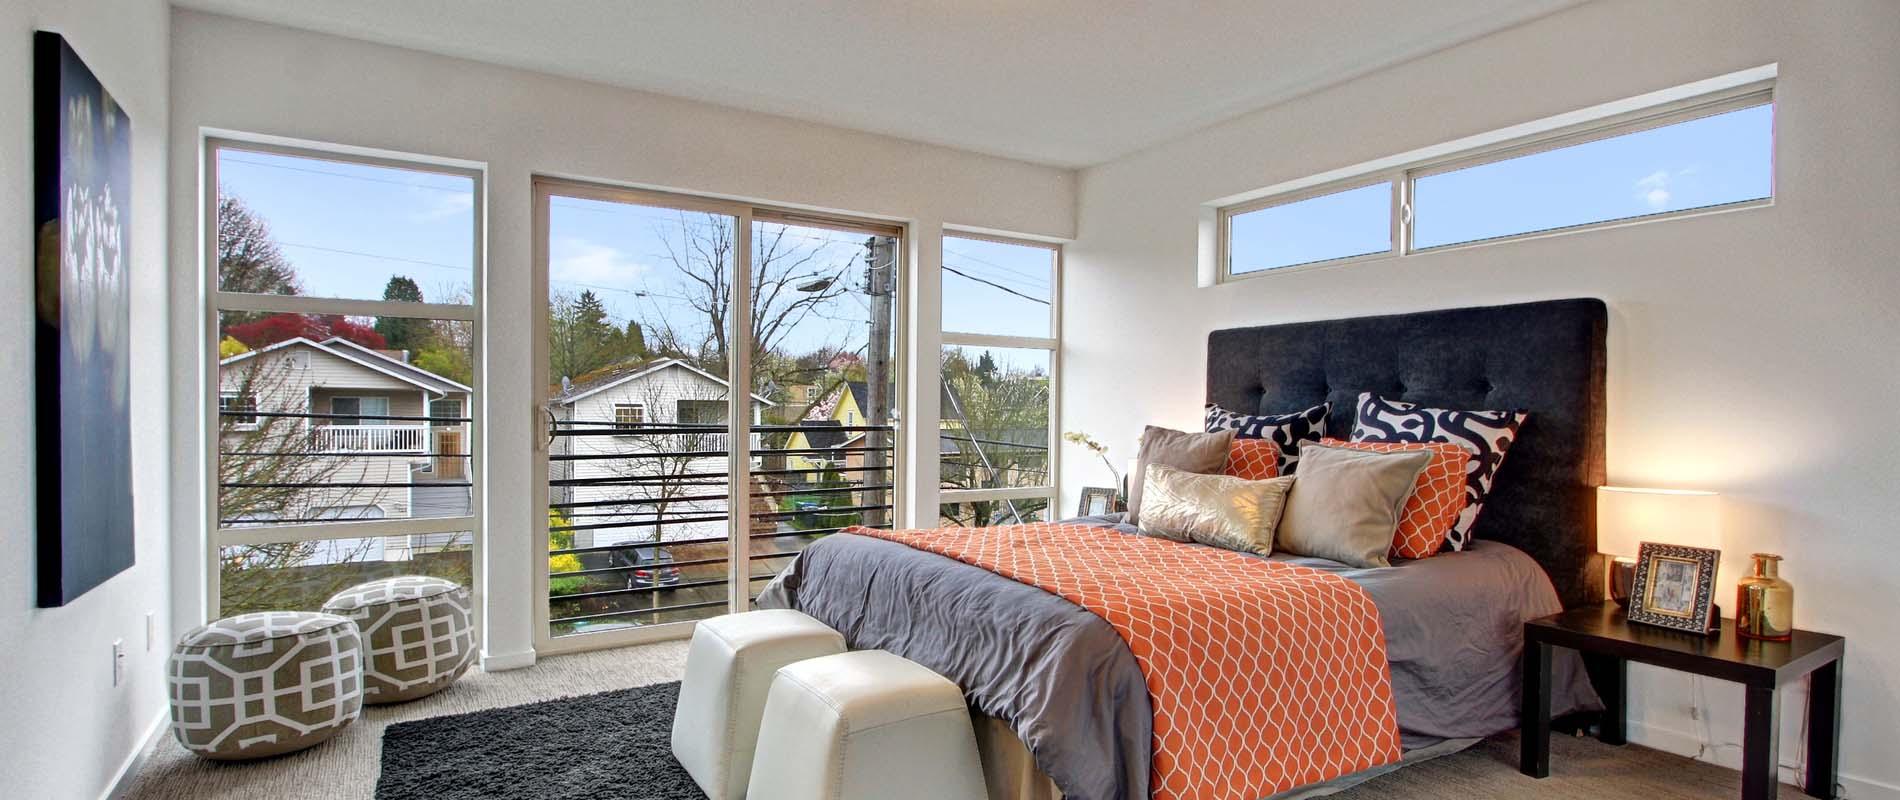 Phinney Ridge Apartments